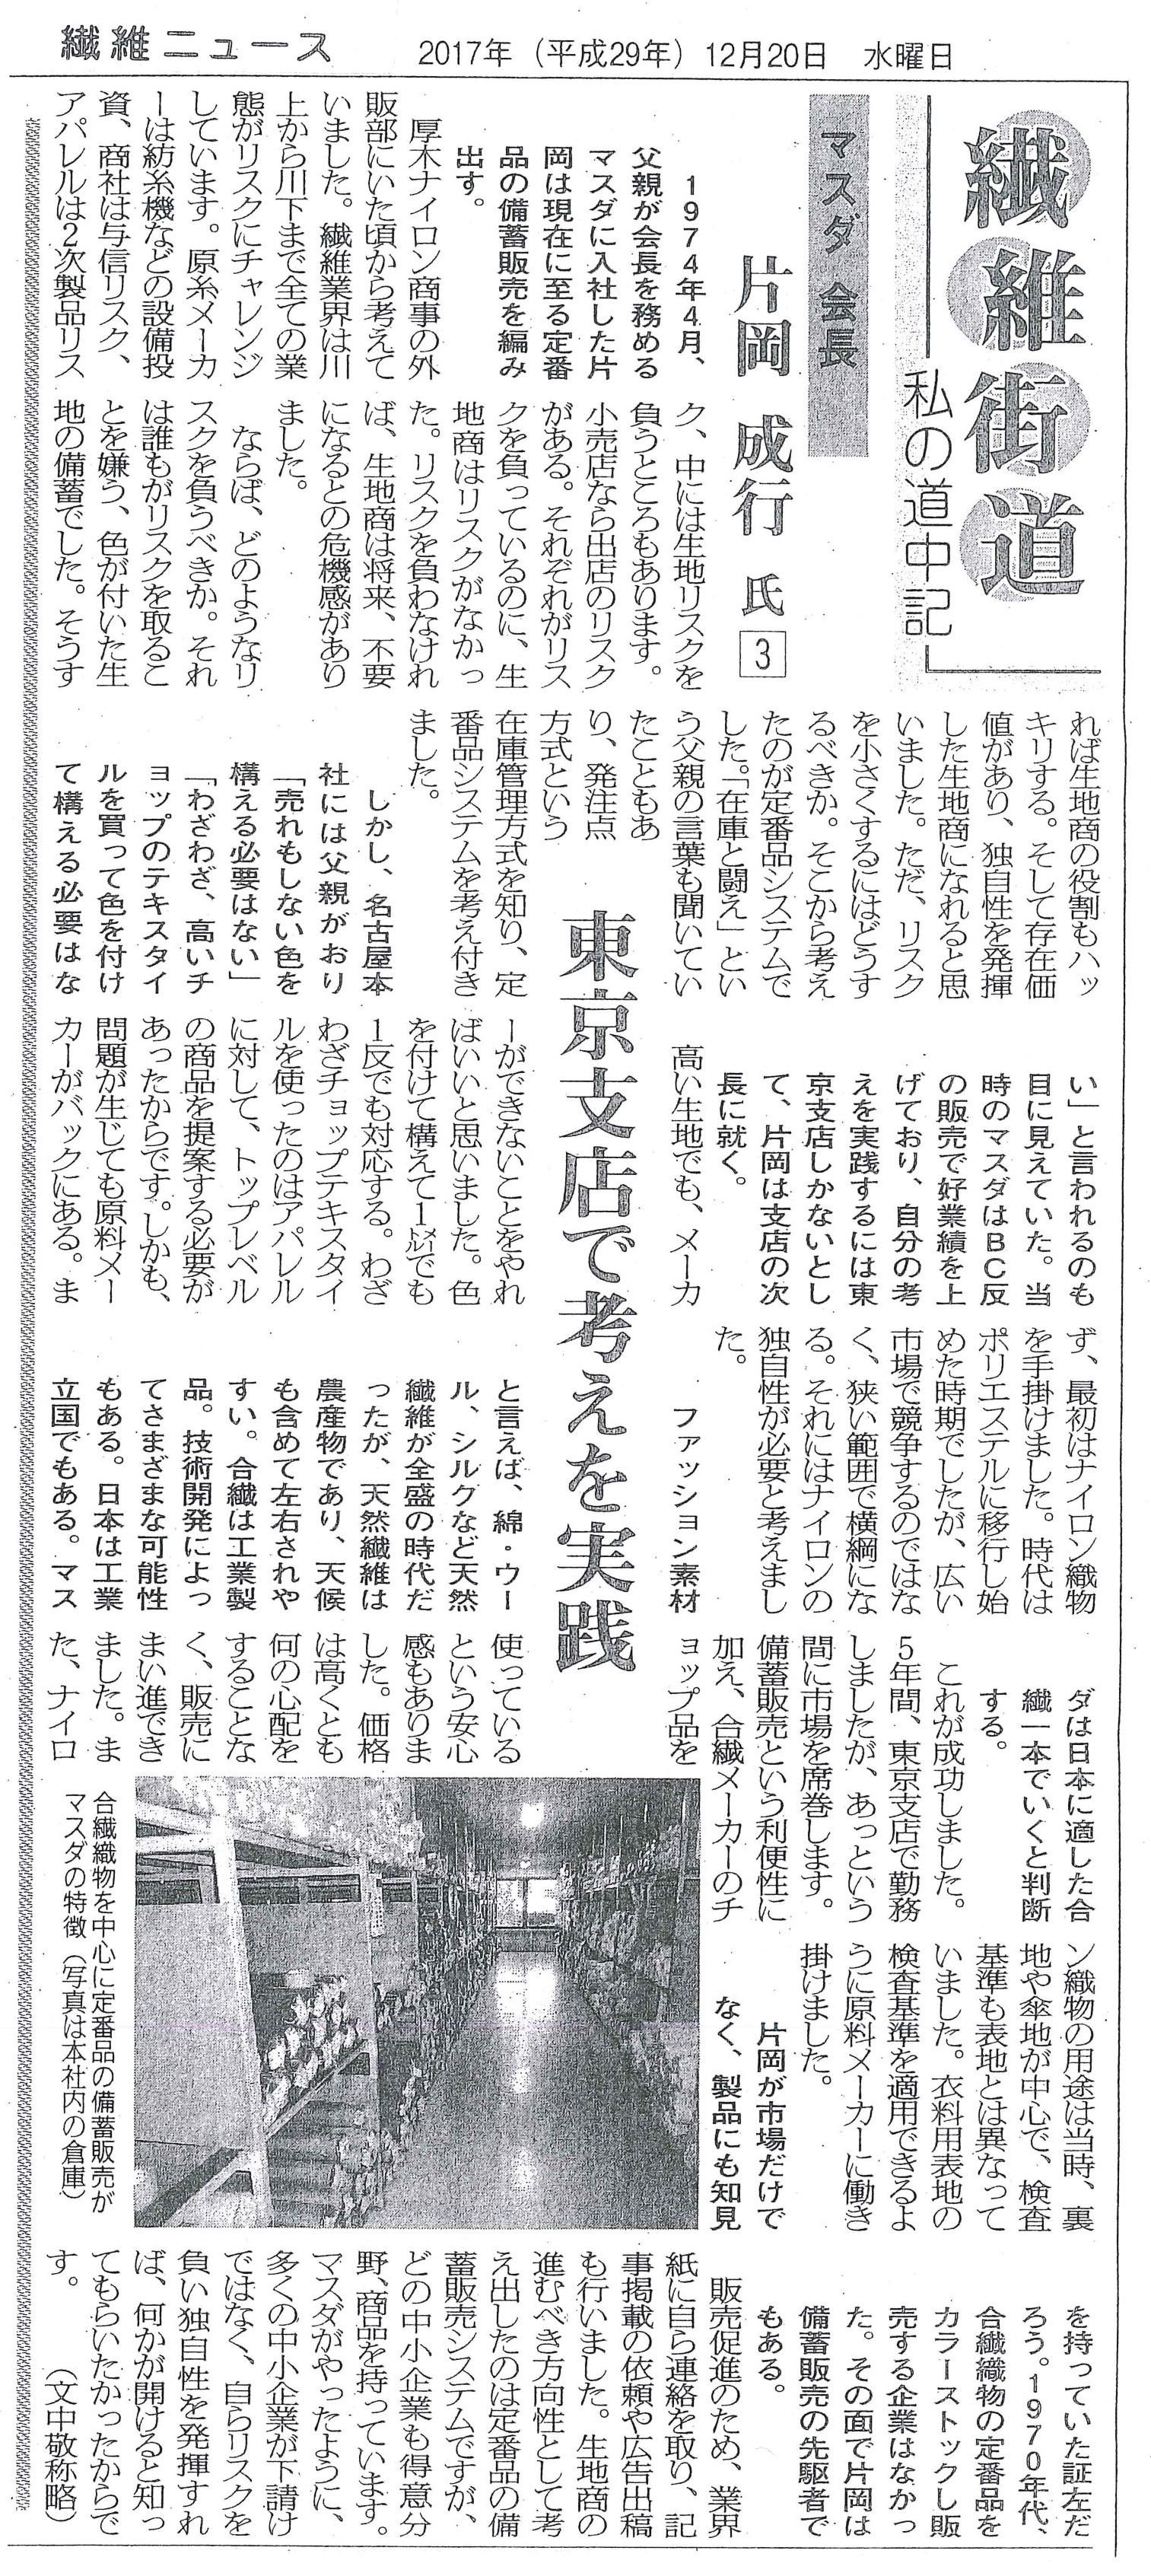 【繊維ニュース】繊維街道「片岡成行③」